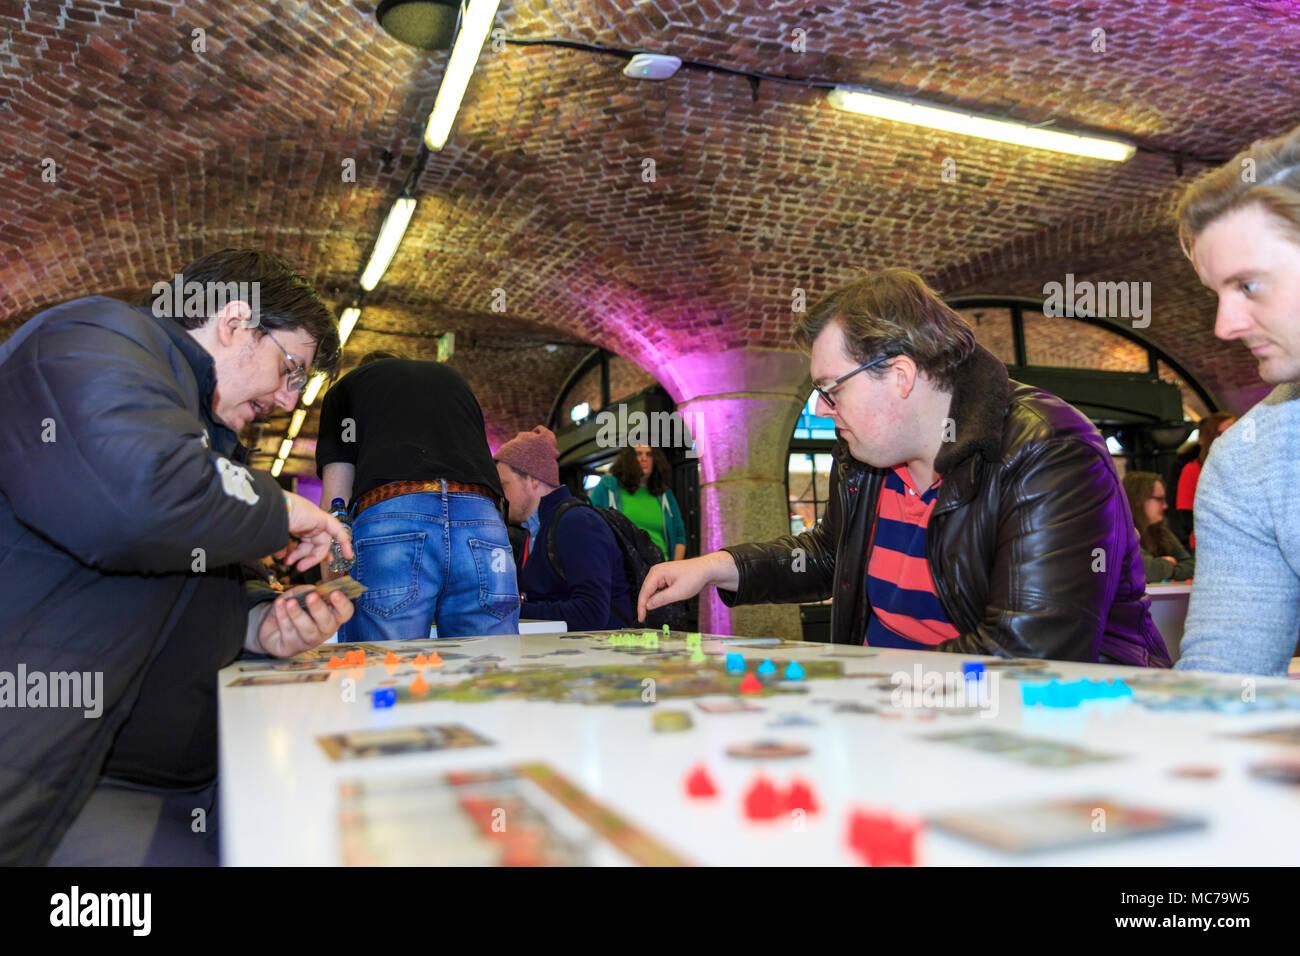 Tabak Dock, London, 13. April 2018. Altmodische Gesellschaftsspiele sind ebenso beliebt bei den Besuchern. EGX Rezzed spiele Veranstaltung nimmt Teil an Tabak Dock in East London als Teil von London Spiele Woche dieses Jahr von April 13th-15th. Es spielbar Spiele, einschließlich Retro und Gesellschaftsspiele, Erfinder, Entwickler und Job Beratung und einige hinter den Kulissen Einblicke in die Gaming Industrie. Credit: Imageplotter Nachrichten und Sport/Alamy leben Nachrichten Stockfoto